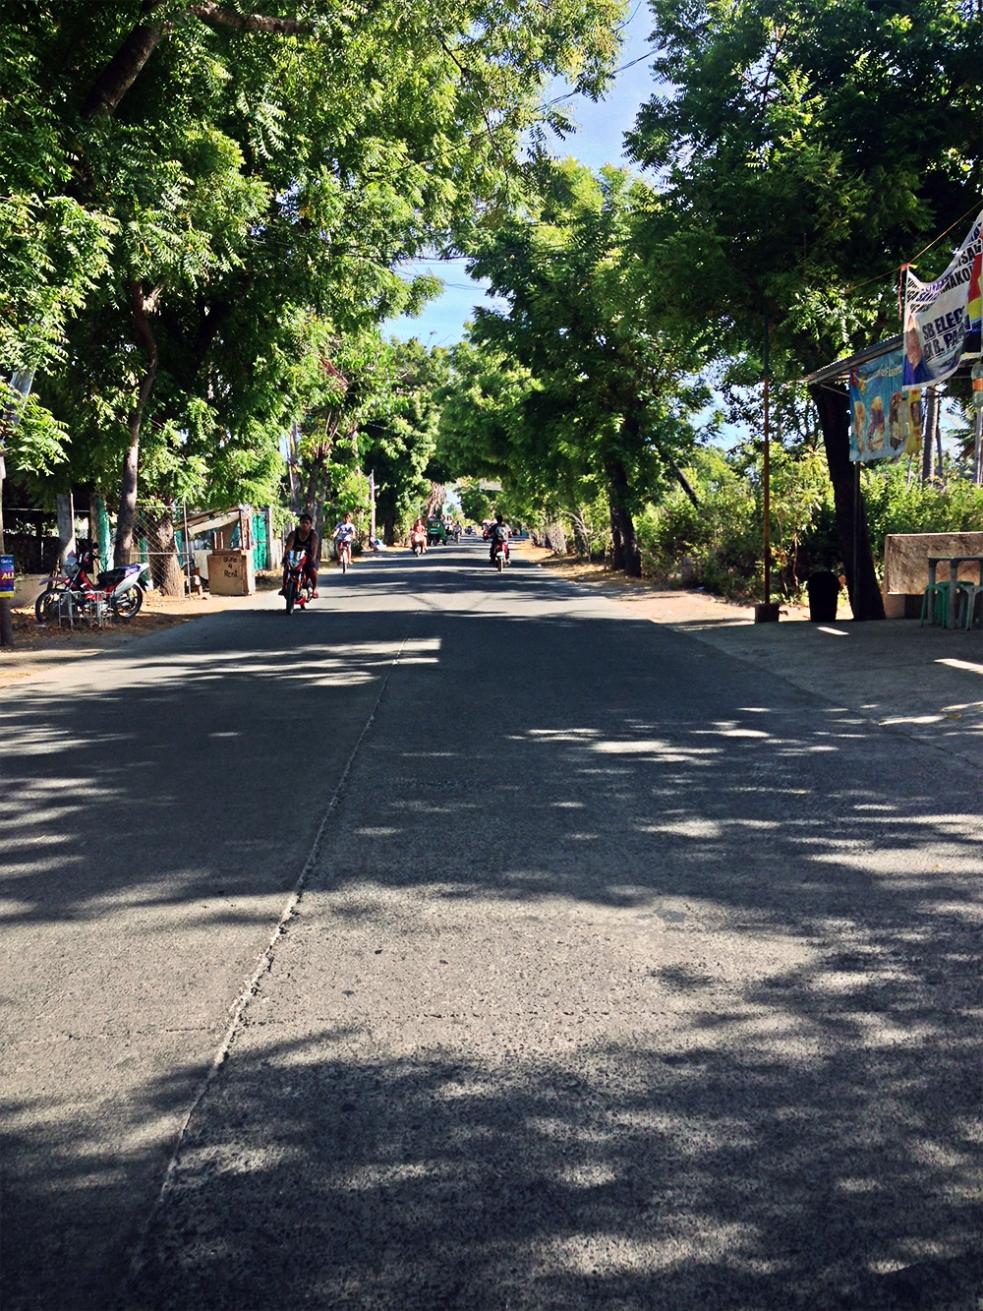 Las tranquilas calles de Santa Fé en Bantayan